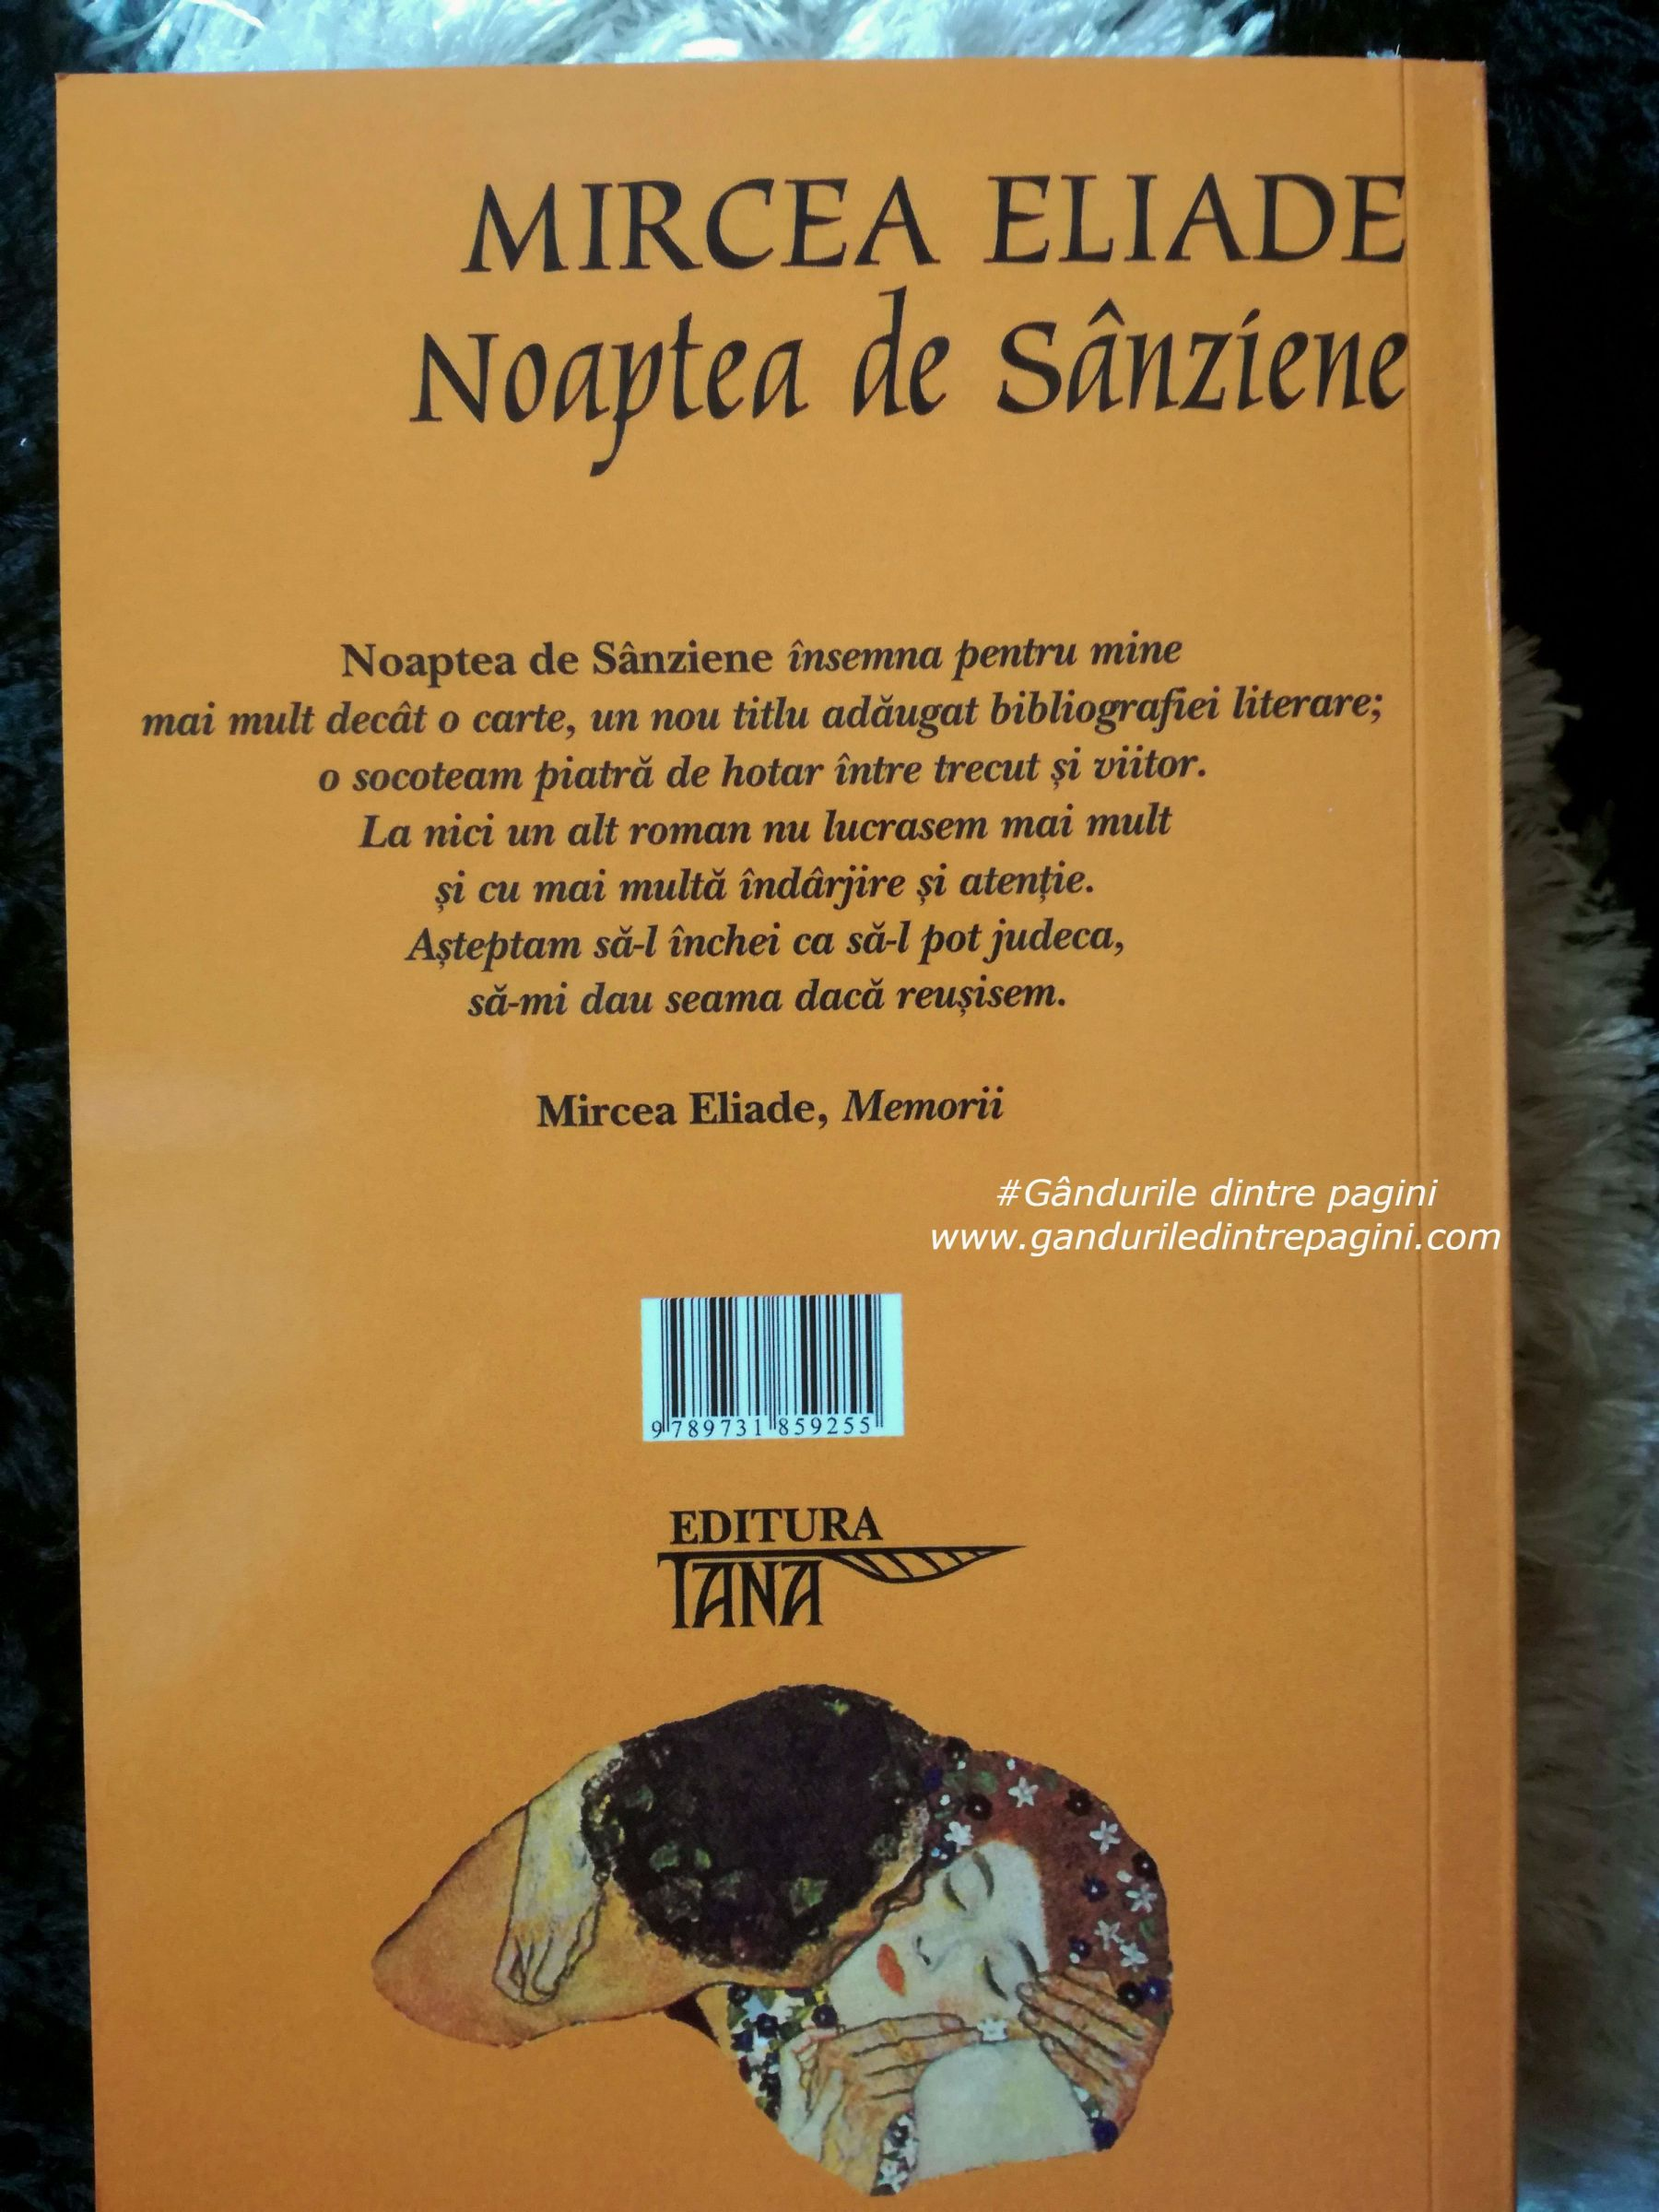 Mircea Eliade, romanul Noaptea de Sânziene